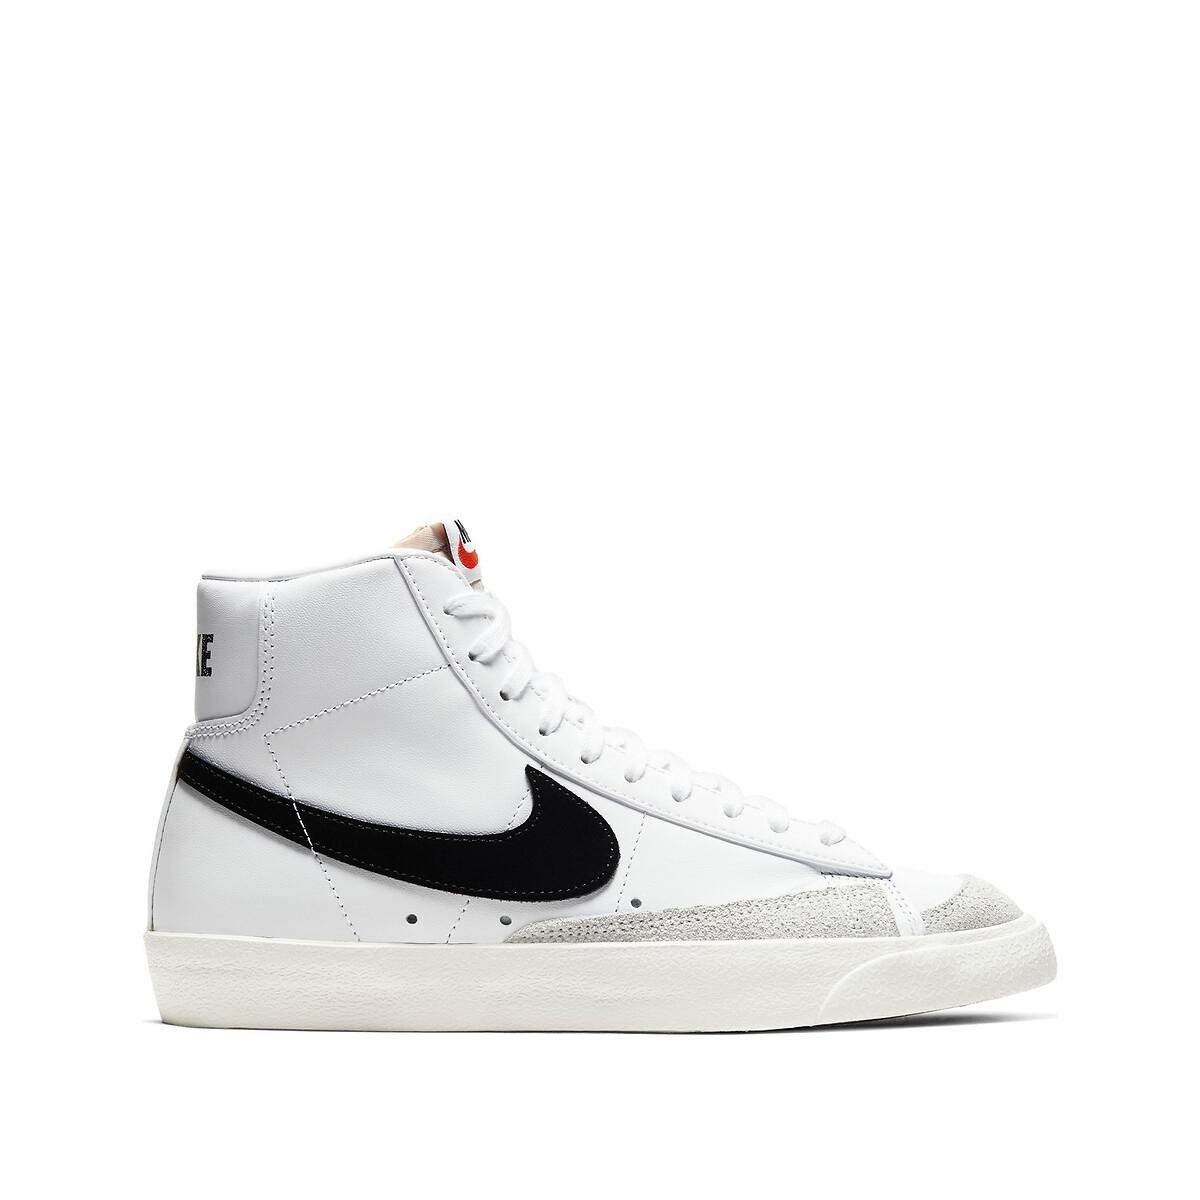 Nike Blazer Mid '77 Vintage Herenschoen White/Black Heren online kopen